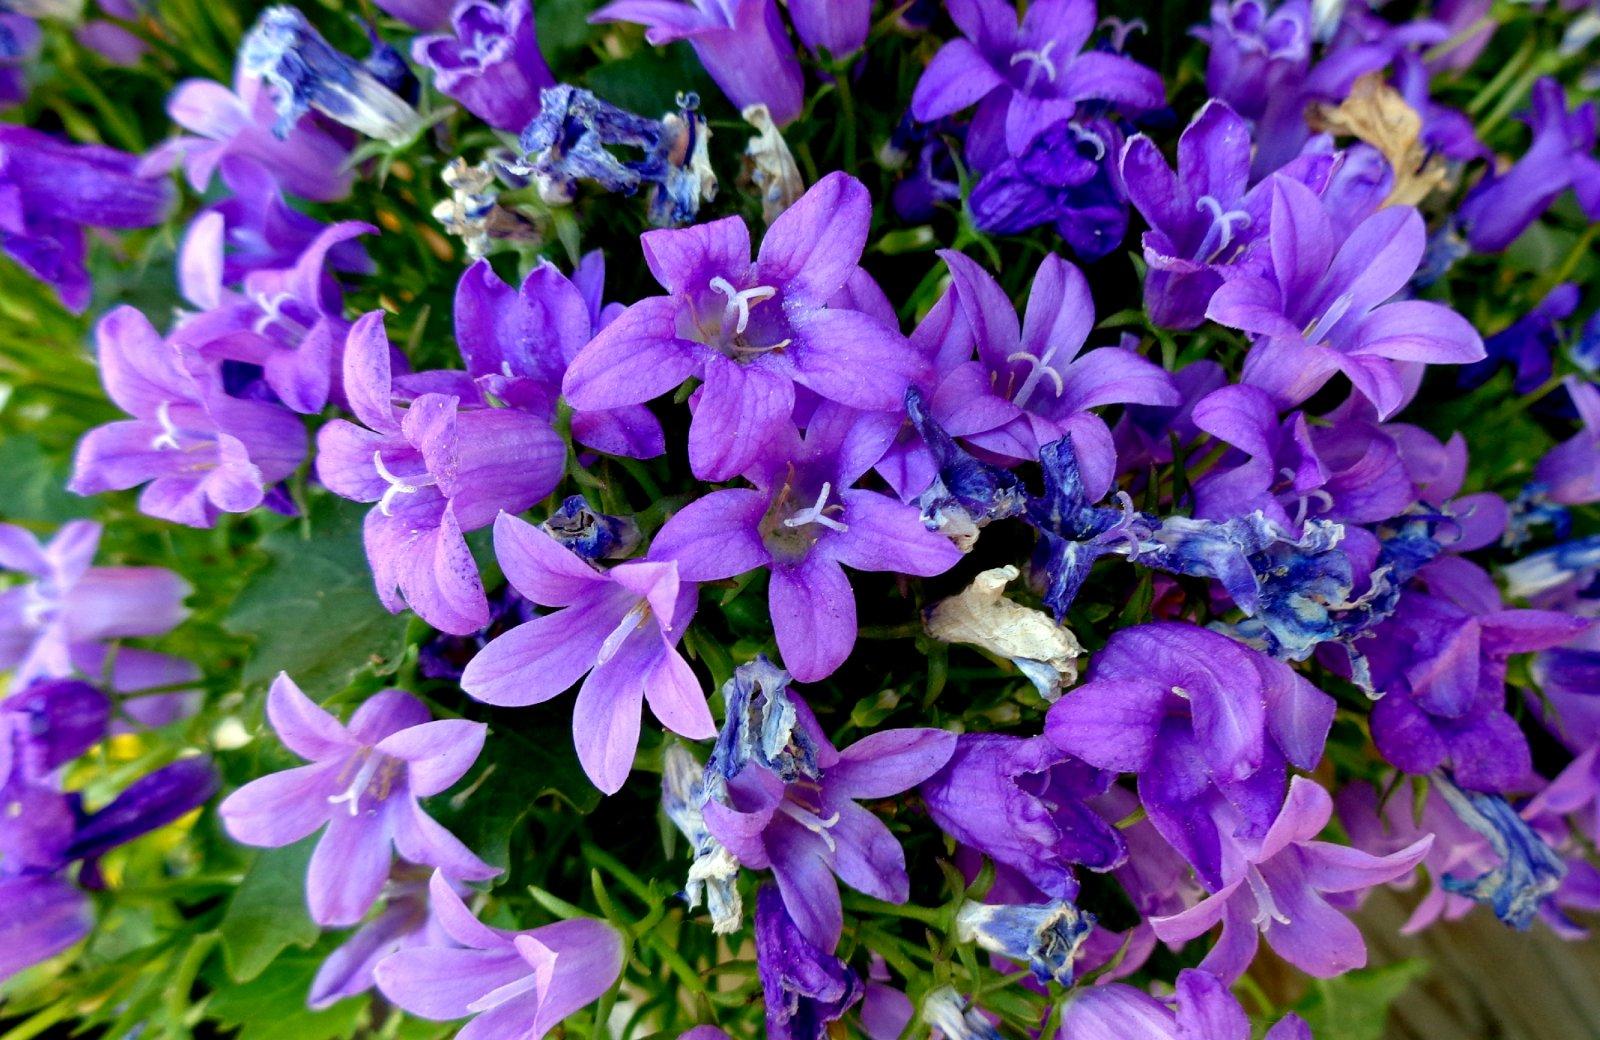 И снова фиолетовые цветочки